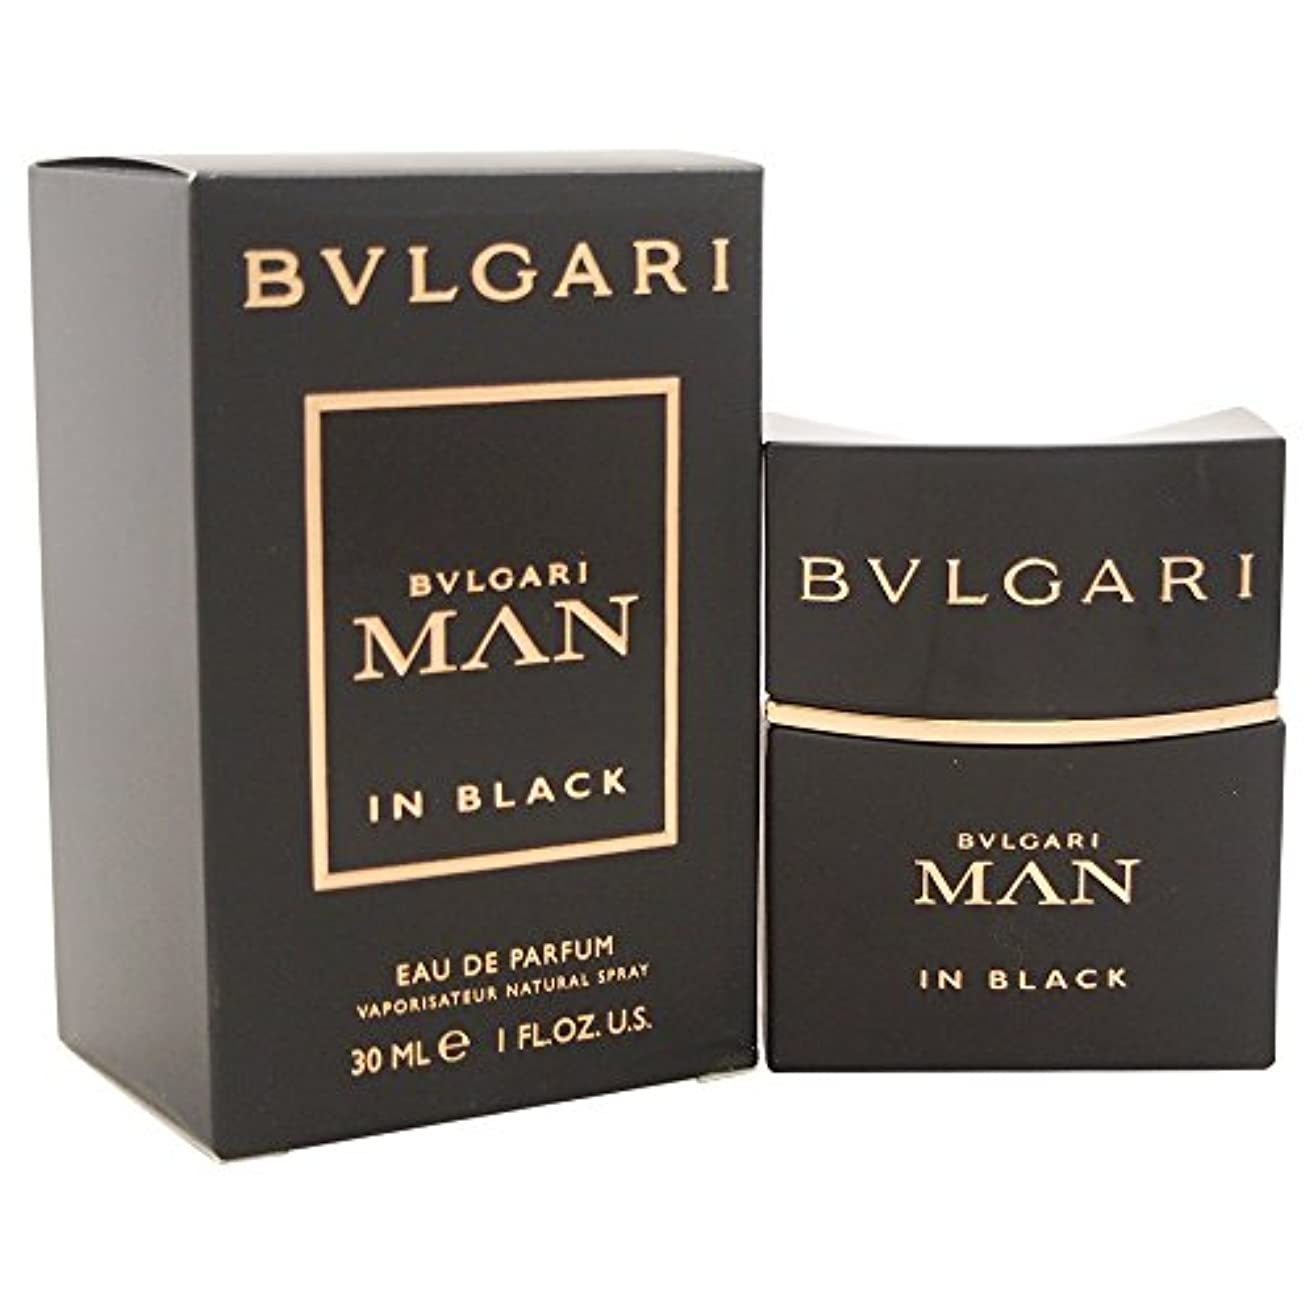 レイア弱点チョコレートブルガリ BVLGARI  ブルガリ マン イン ブラック EP SP 30ml